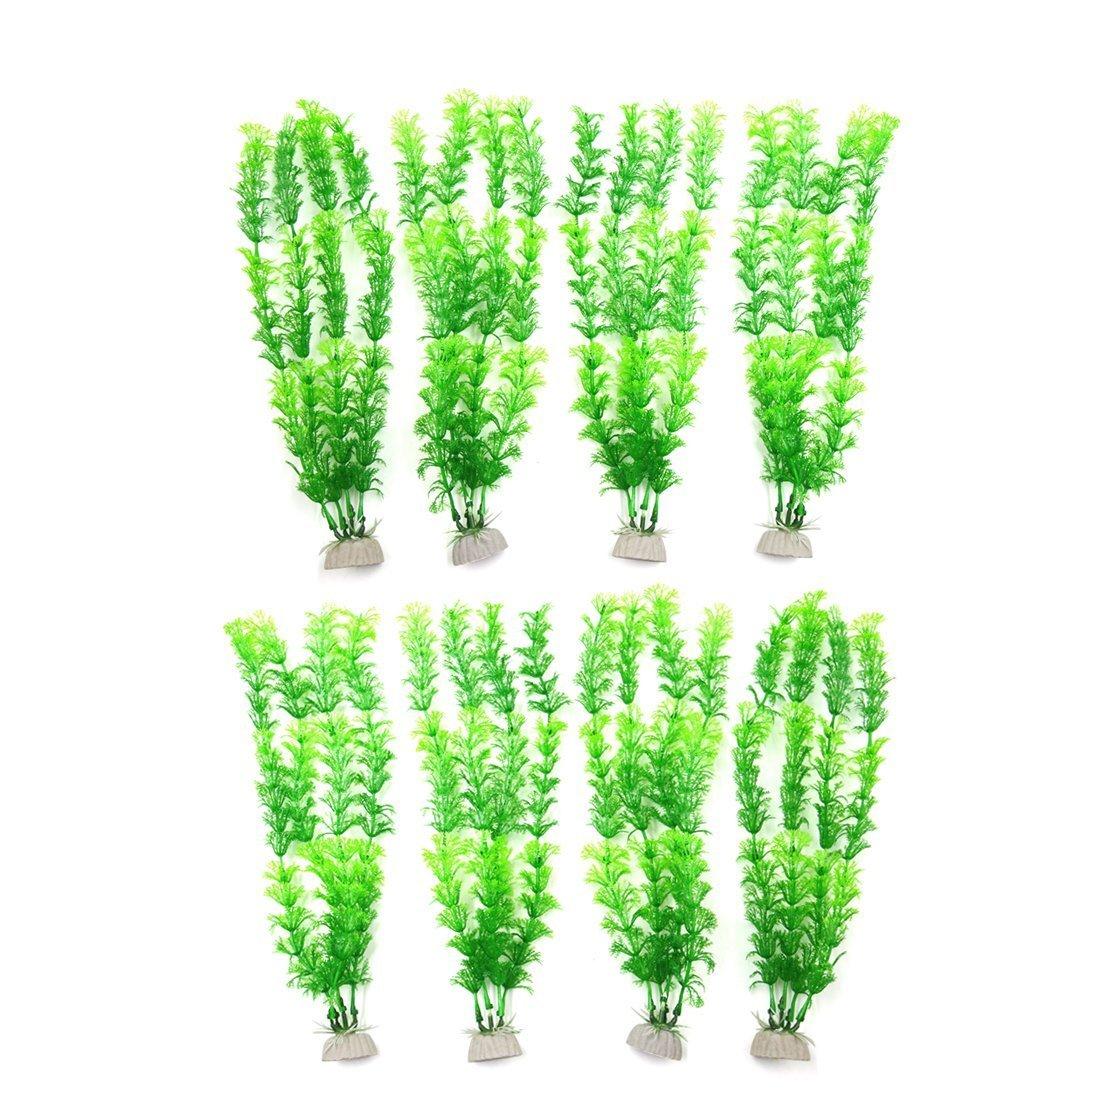 Ceramic Base Plastic Aquarium Manmade Water Plant Grass Decor 2pcs